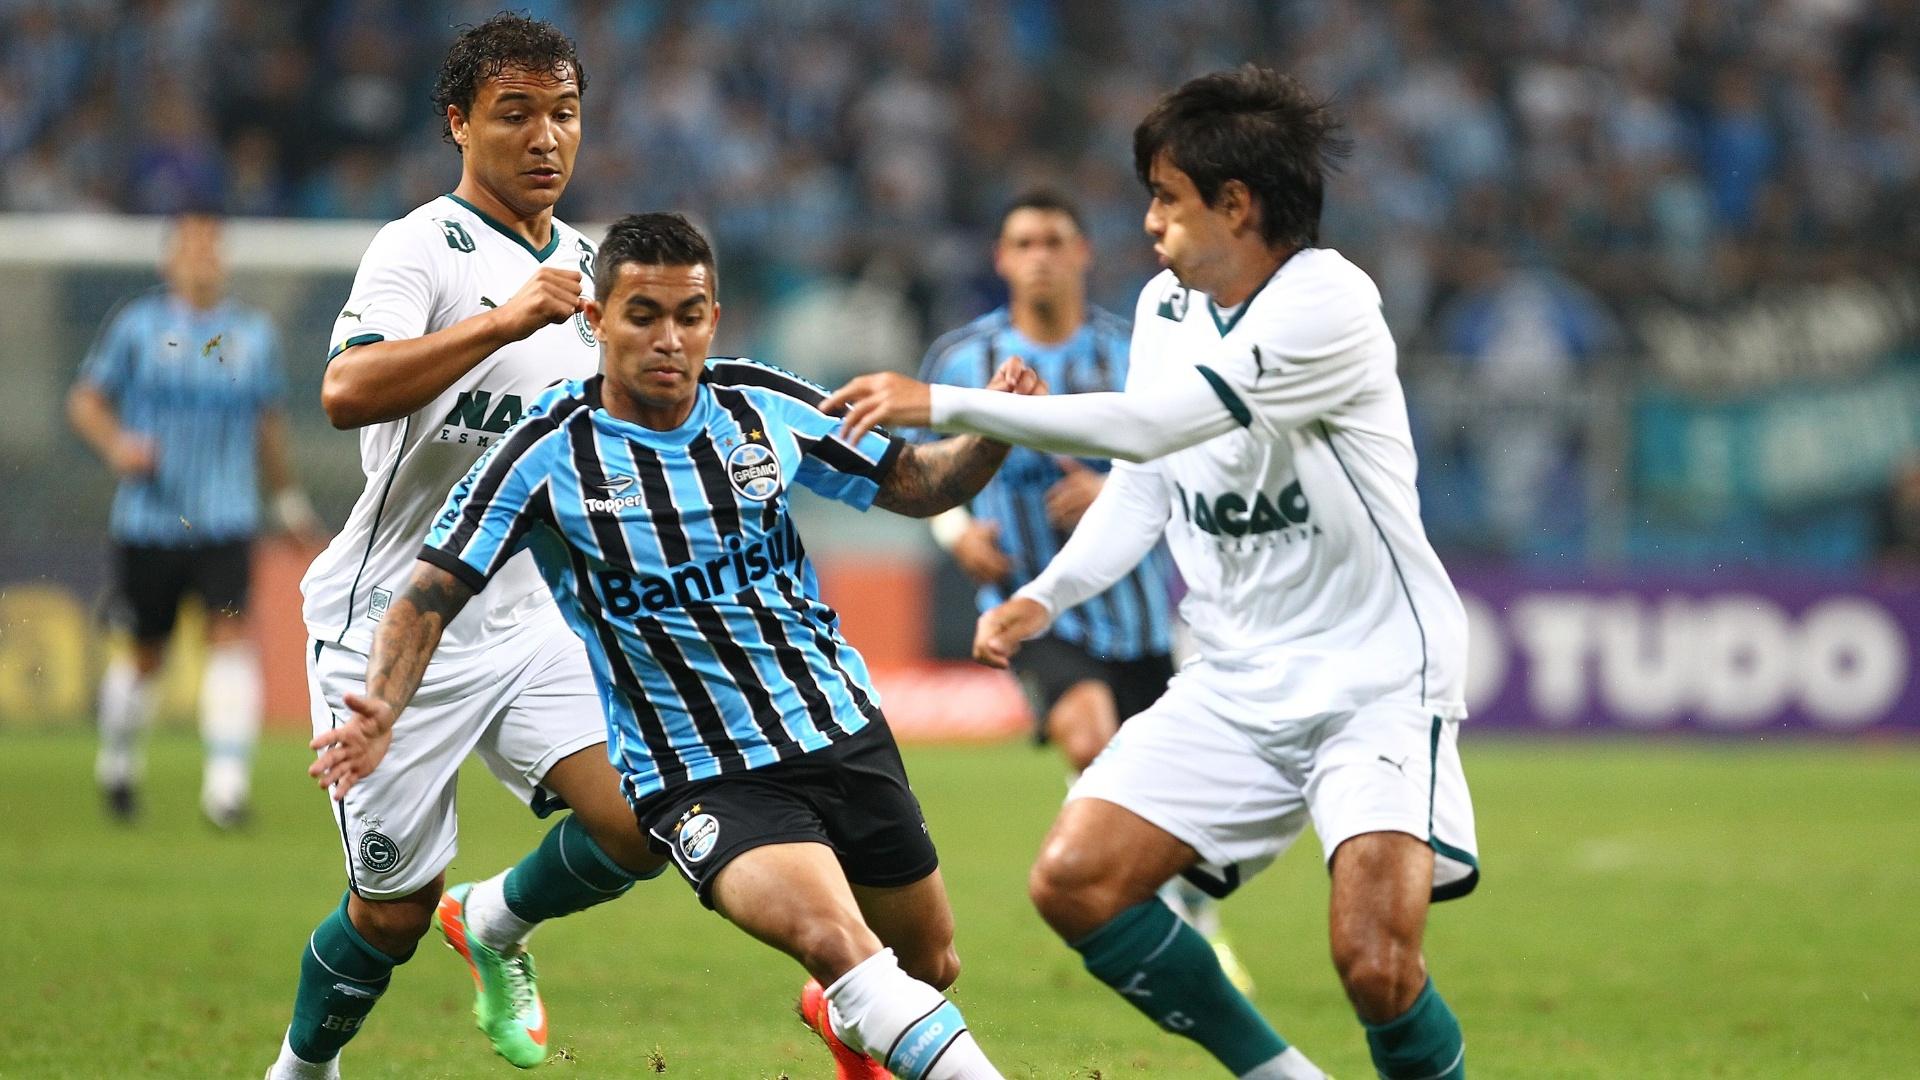 16.ujl.2014 - Dudu, do Grêmio, tenta escapar da marcação do Goiás em jogo da 10ª rodada do Campeonato Brasileiro